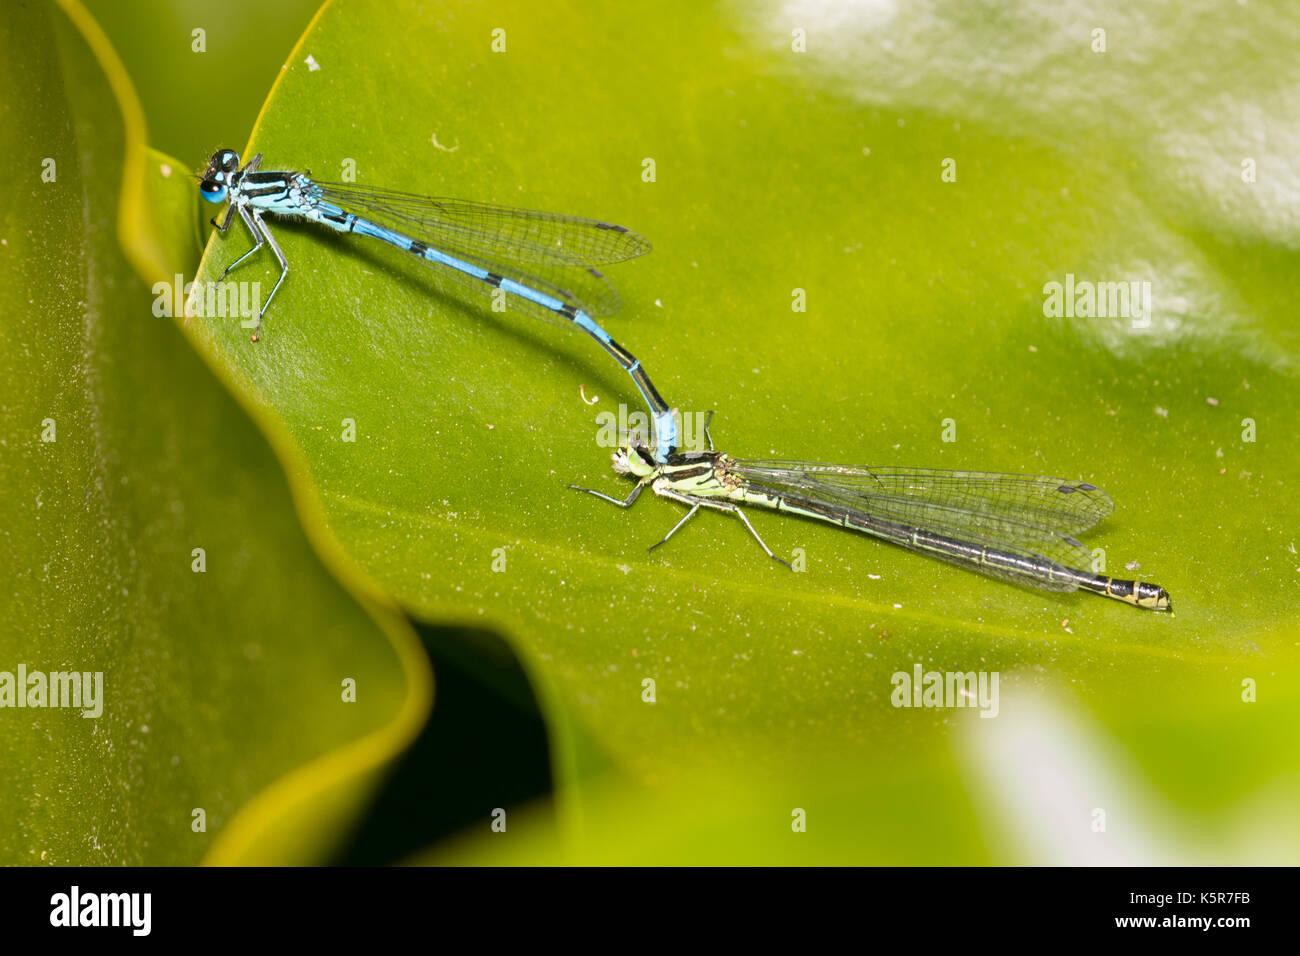 Blau männlich Azure danselfly, Coenagrion puella, Spangen grünes Formular, das Weibliche als Teil der paarungsritual Stockbild